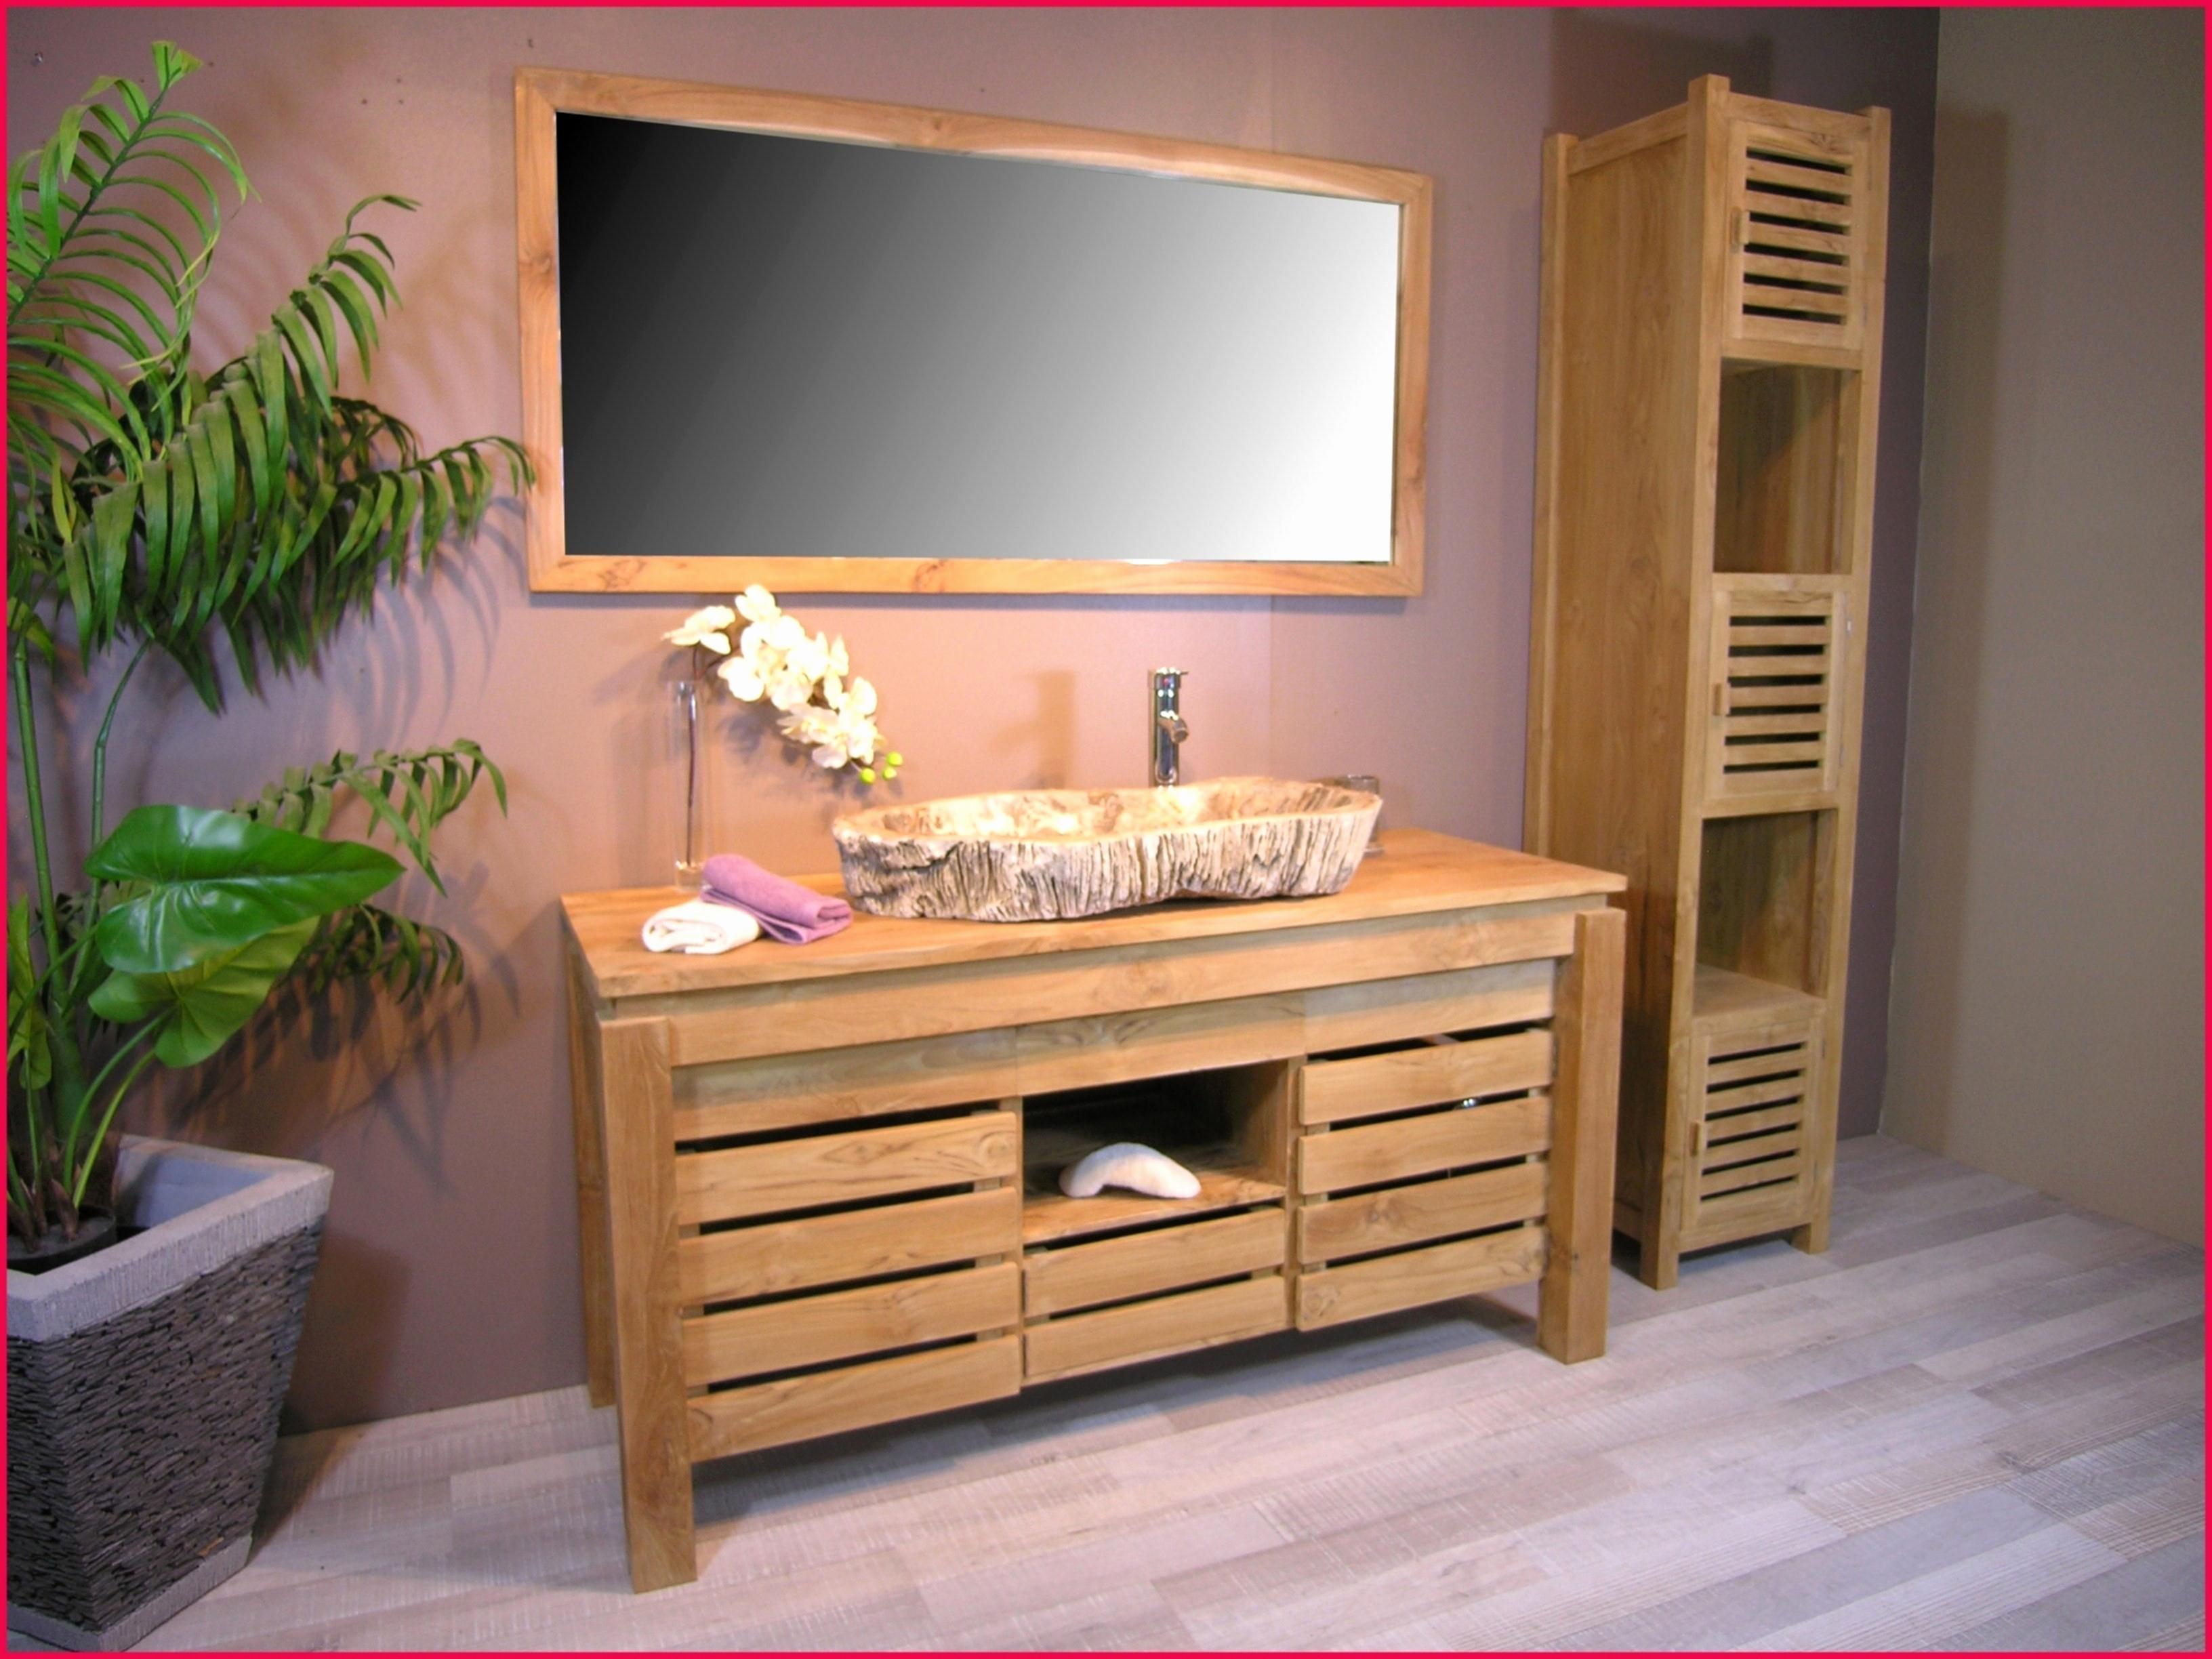 Evier Salle De Bain Ikea Meilleur De Photos 20 Luxe Salle De Bain Pas Cher Design